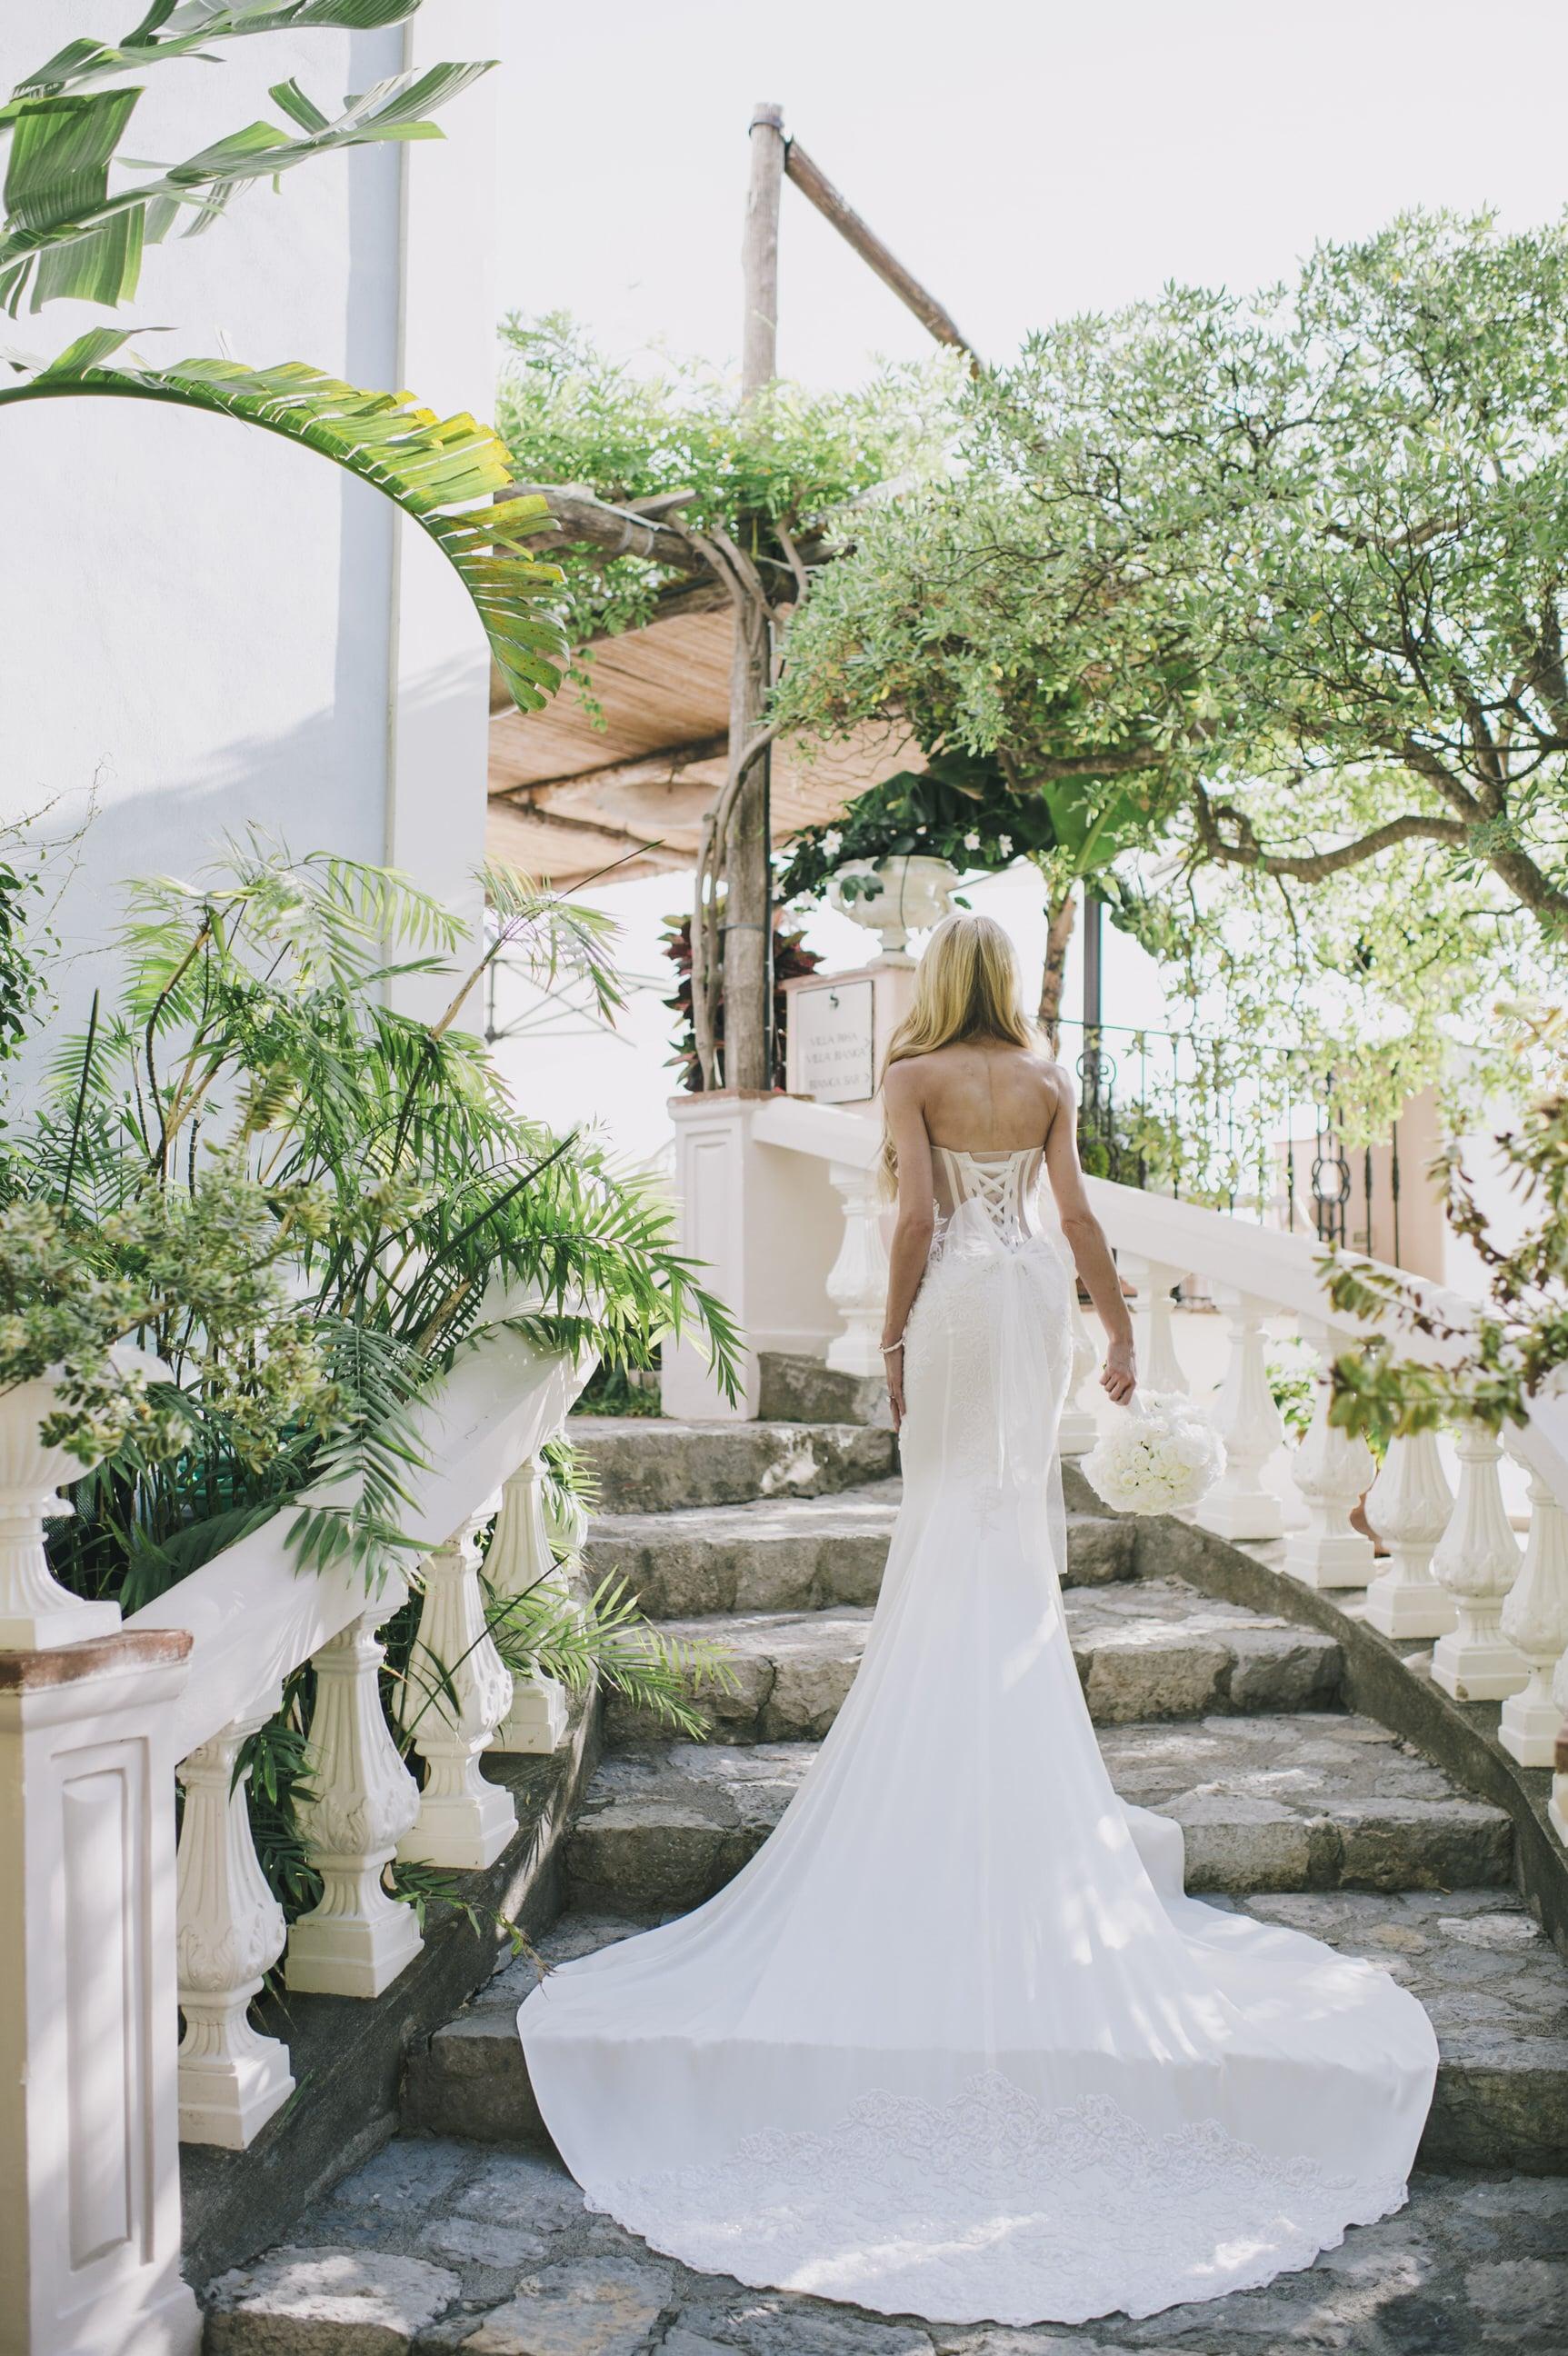 annie-lawless-wedding-dress